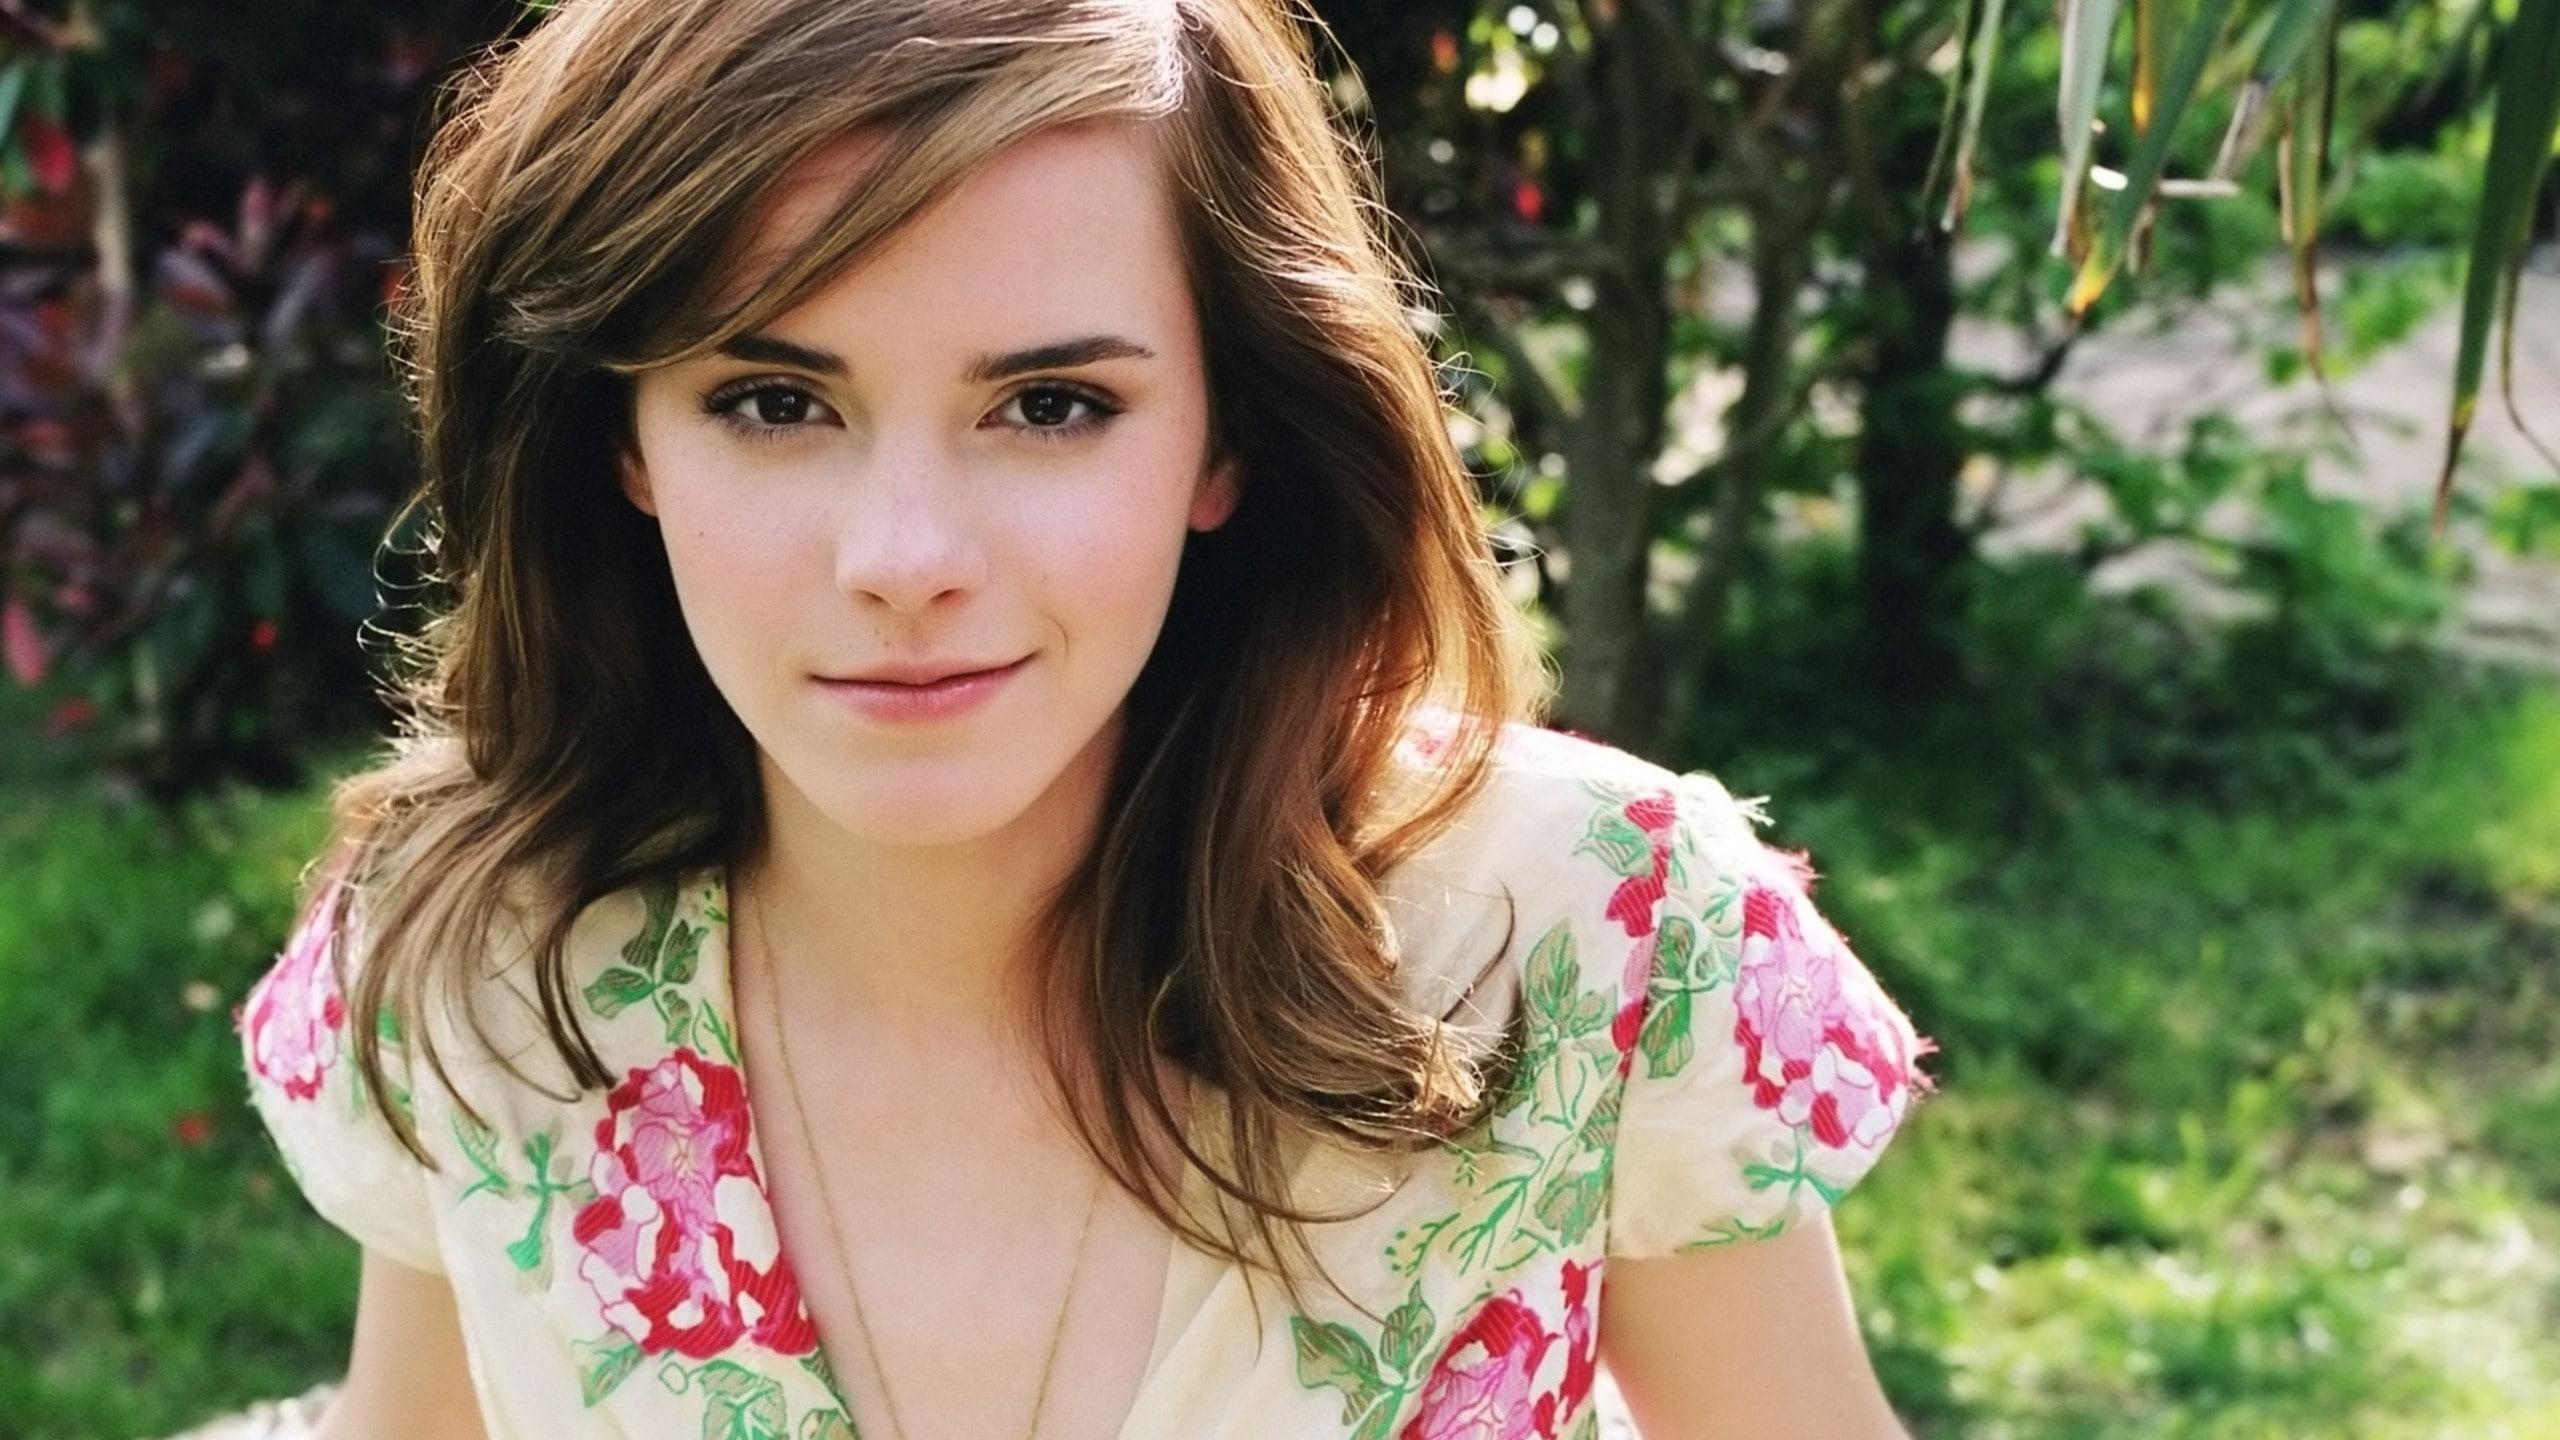 Emma Watson Backgrounds